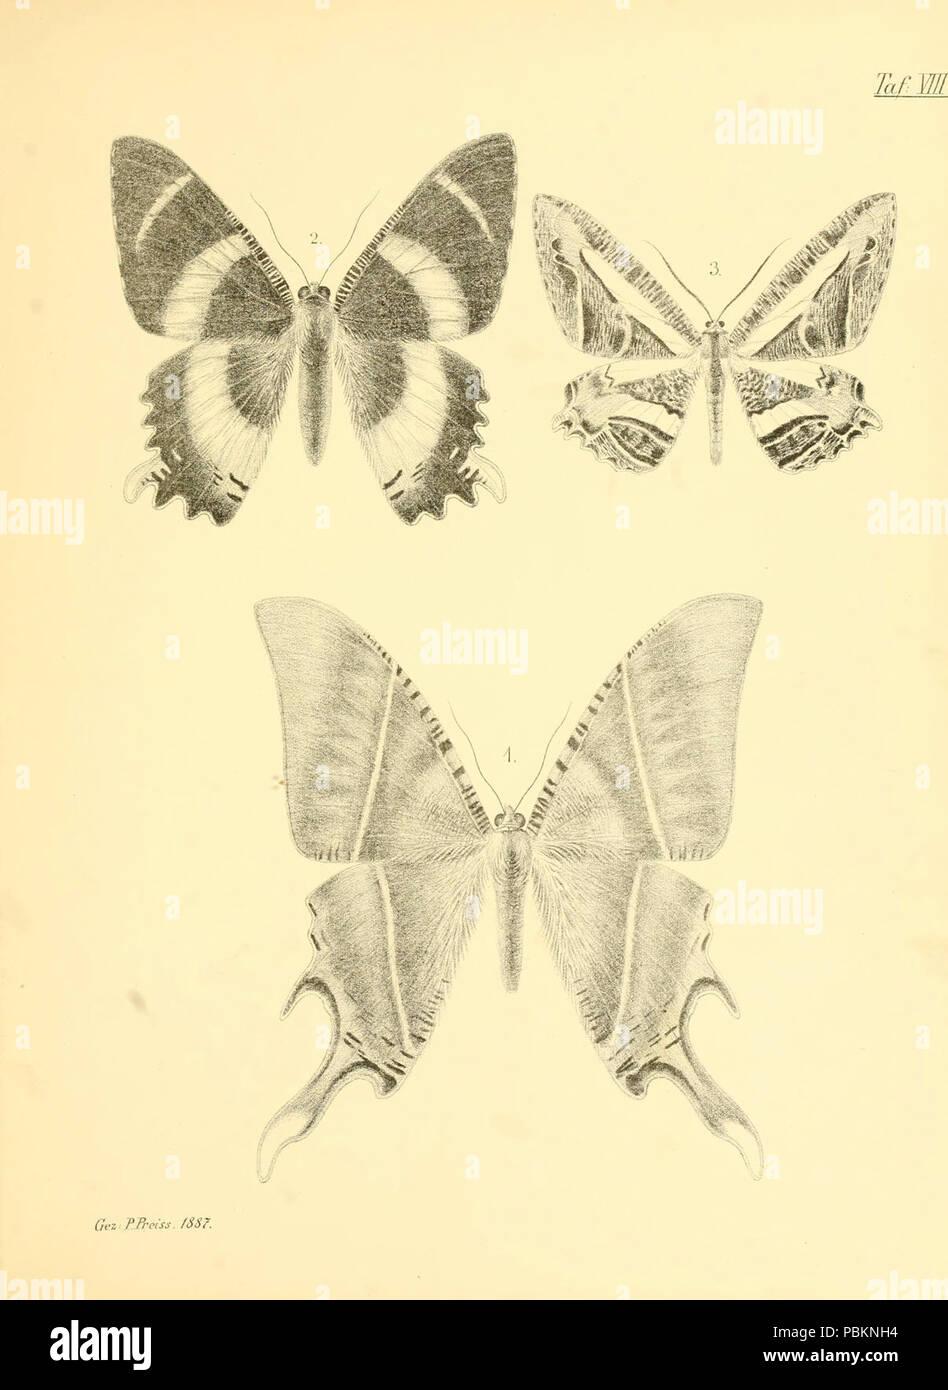 Abbildungen hervorragender Nachtschmetterlinge aus dem indo-australischen und südamerikanischen Faunengebiet (Taf. VIII) - Stock Image